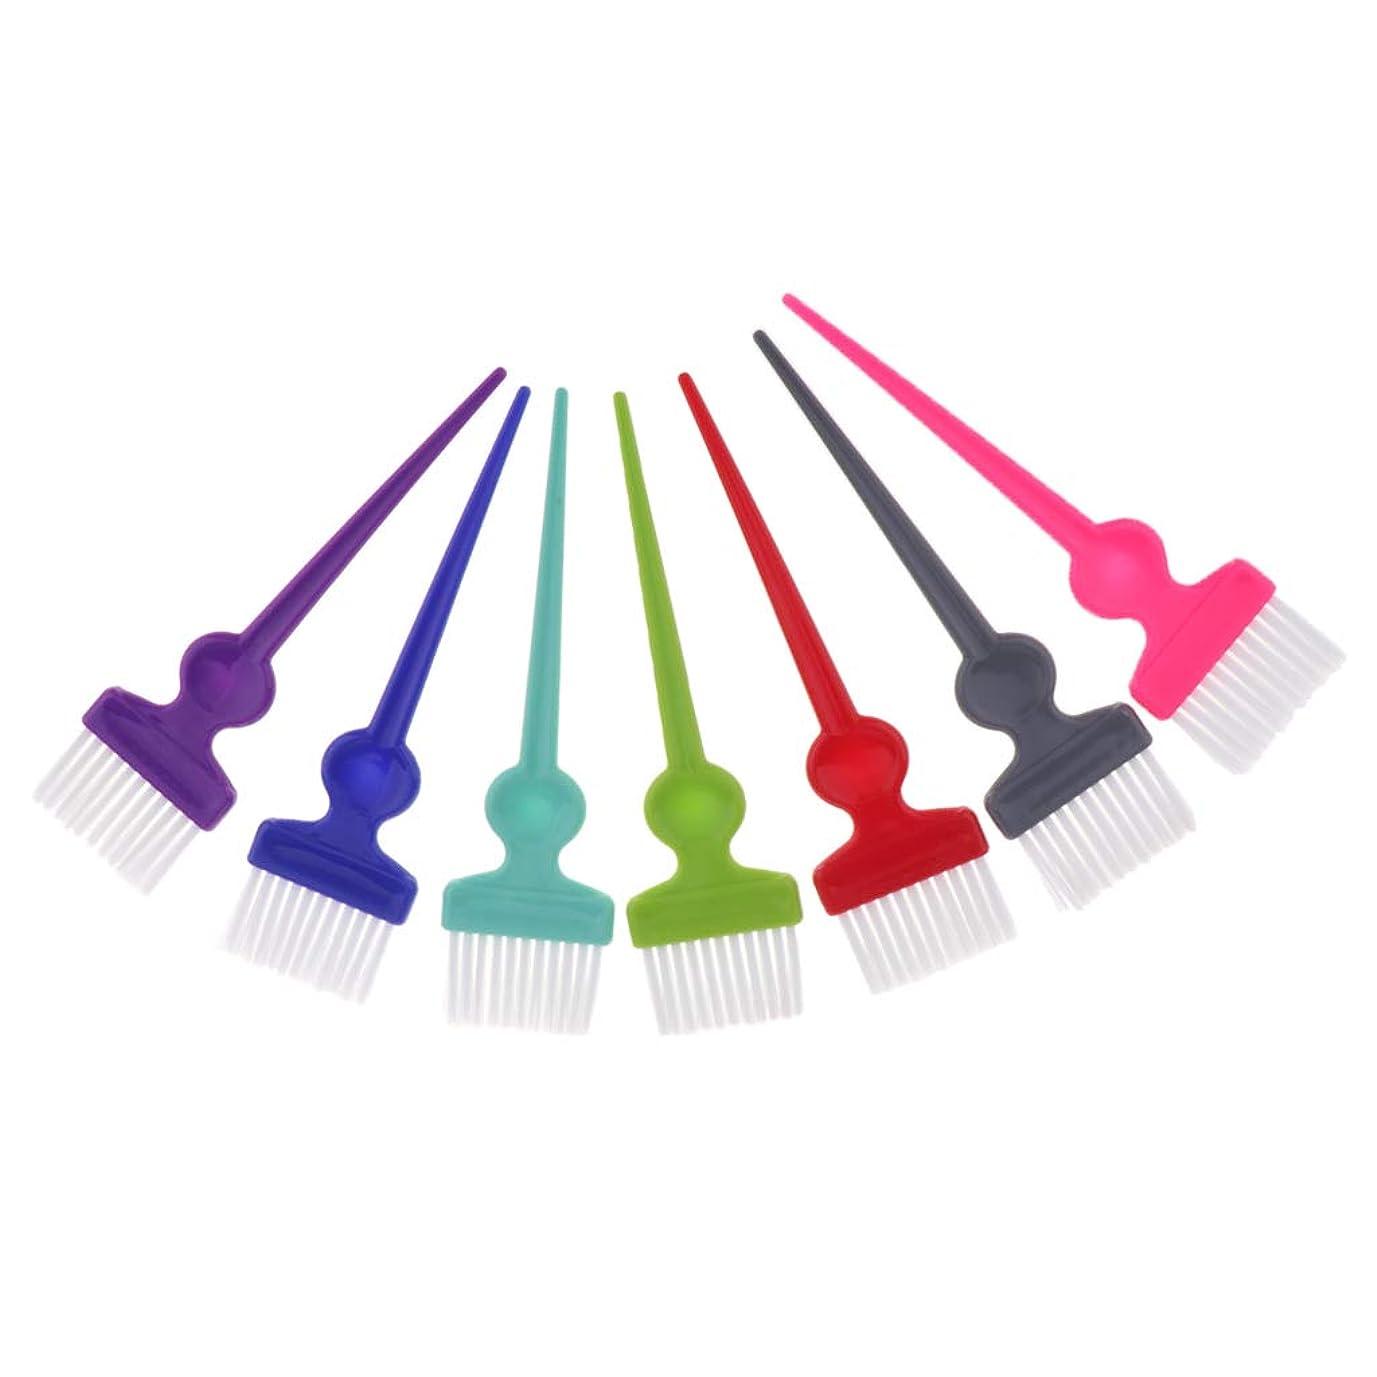 表現鑑定皮肉なヘアダイブラシ ヘアカラーブラシ 毛染め ツール プロ 業務用 美容院 自宅用 便利 7ピースセット